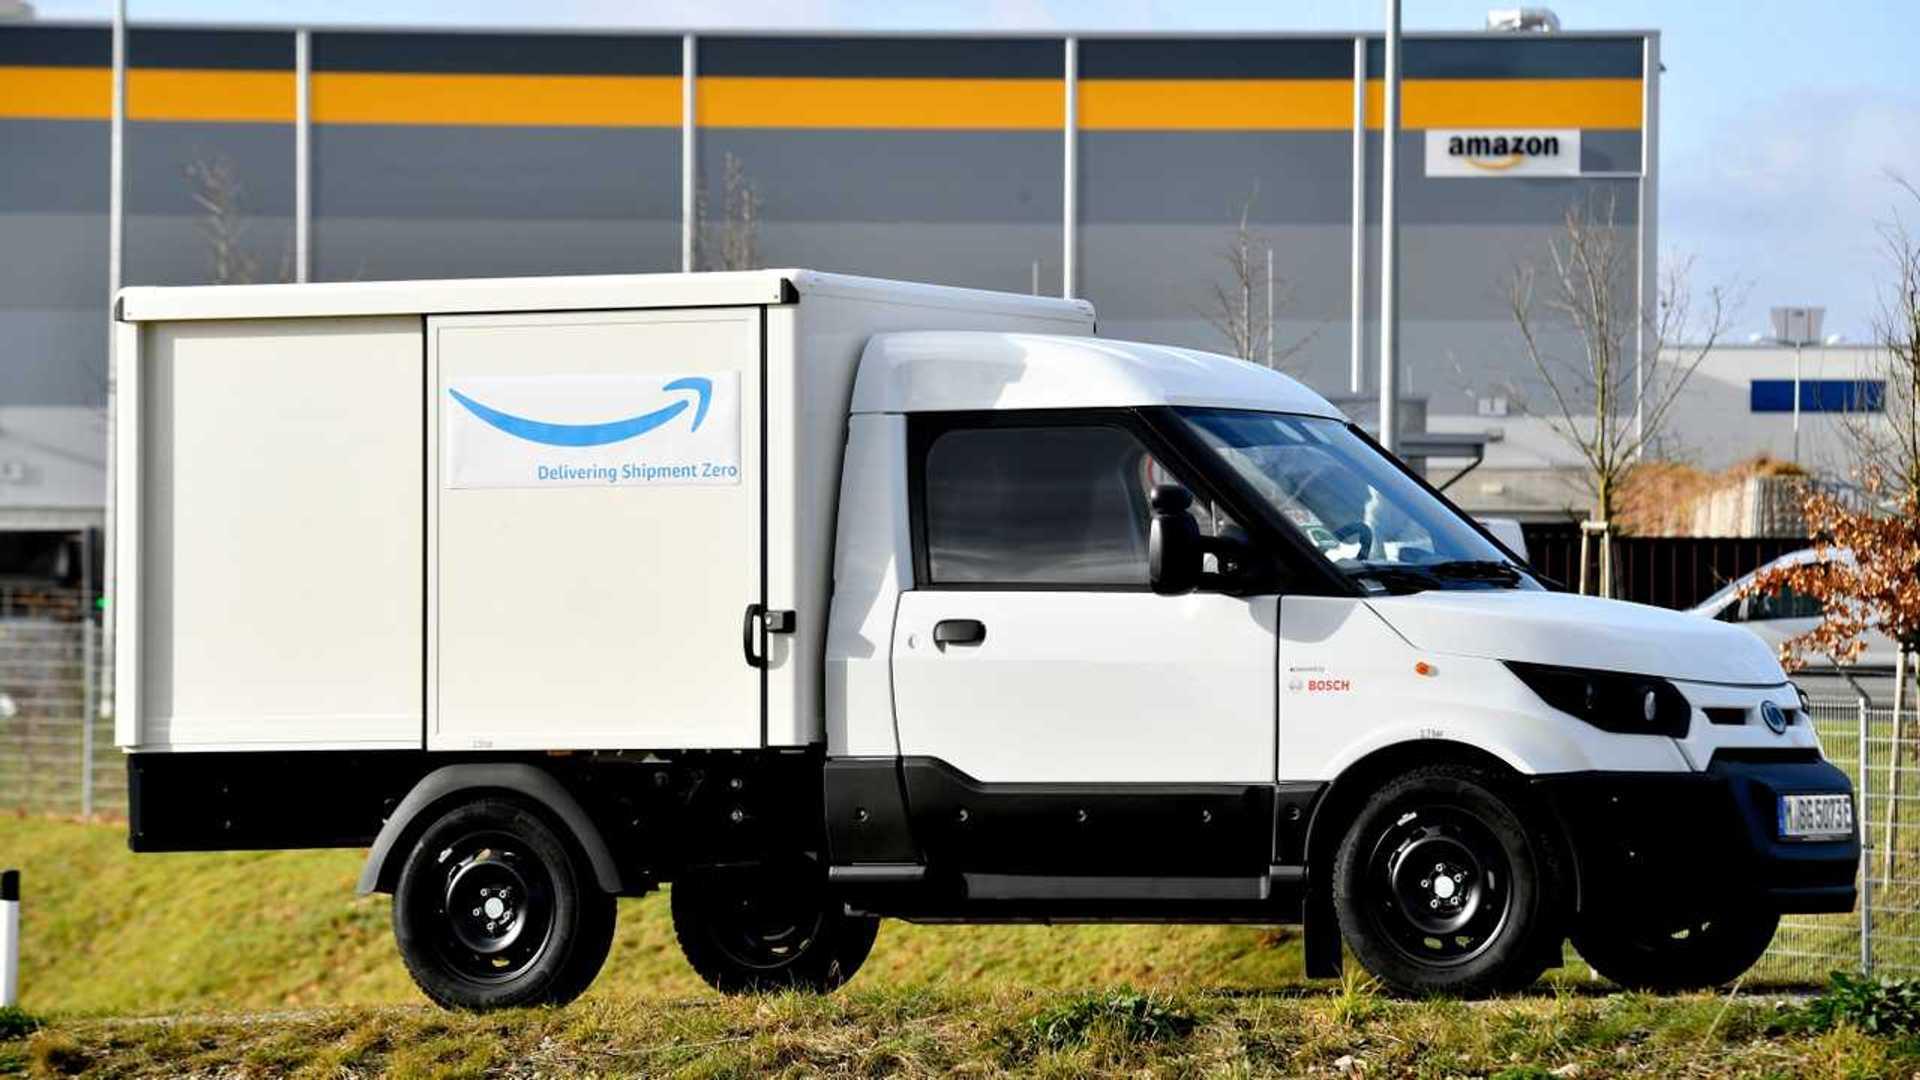 Furgoni elettrici, Amazon prepara la stazione da 340 colonnine